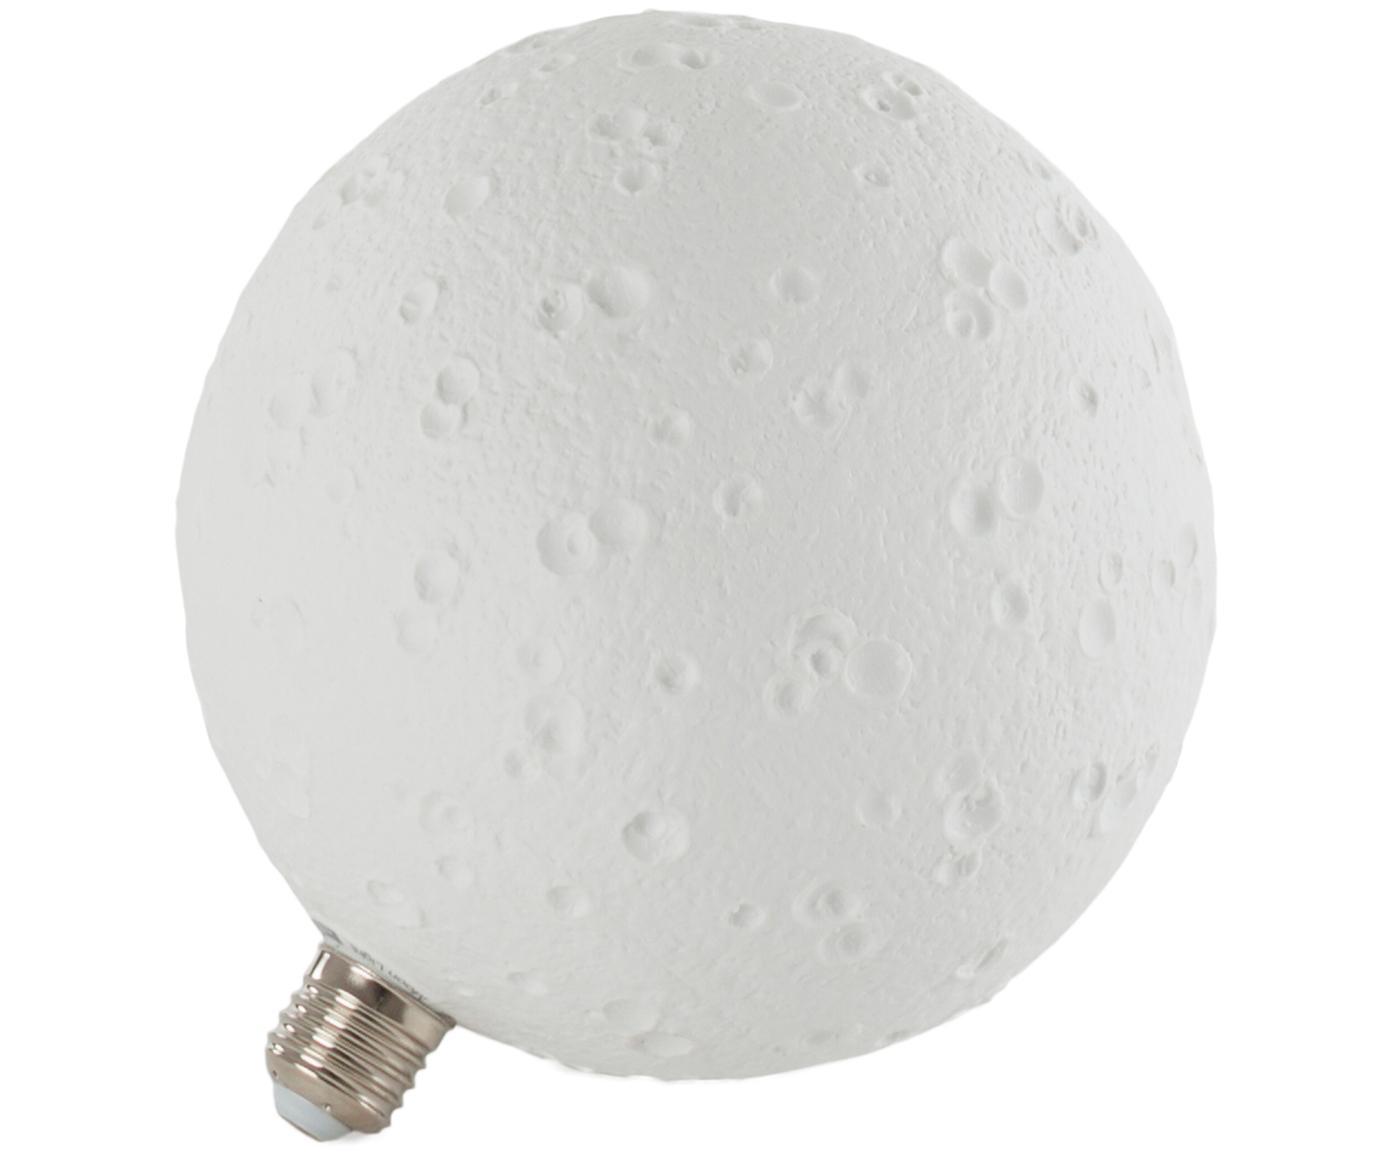 Leuchtmittel Moonlight (E27/8W), Porzellan, Weiss, Ø 18 x H 20 cm